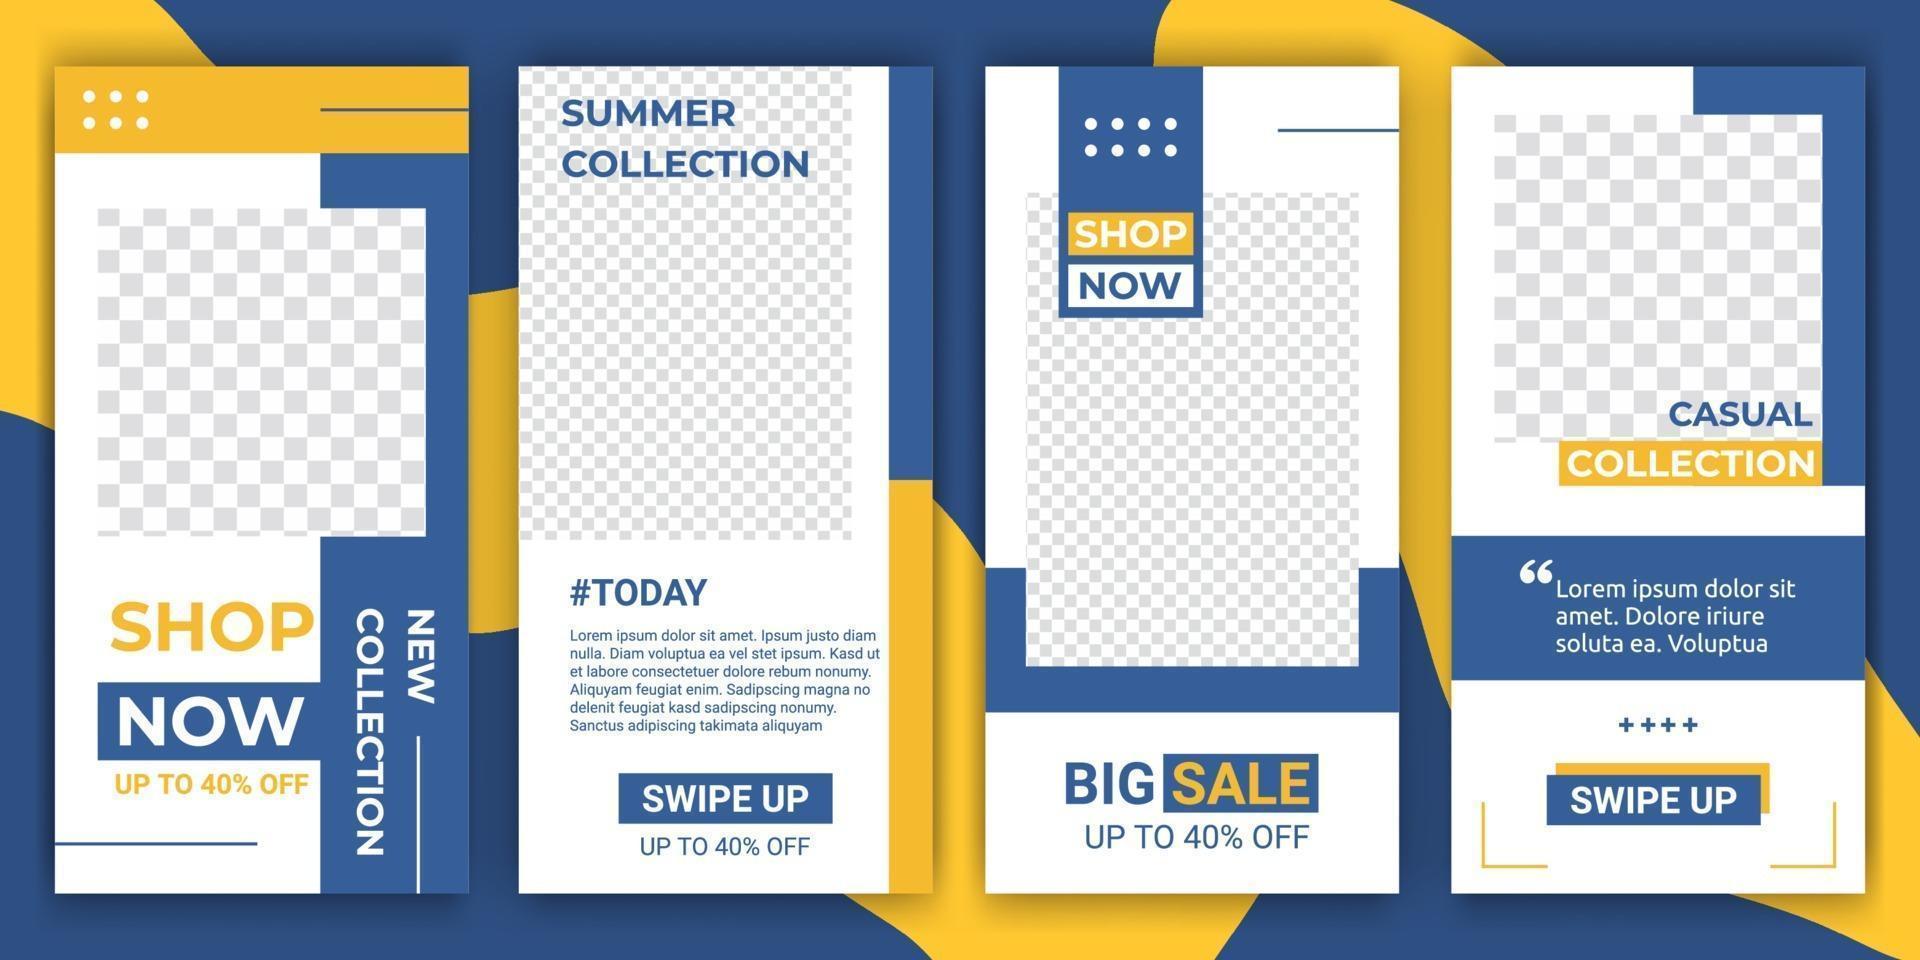 uppsättning ig-berättelser och mallar för inläggsramar. mockup för personlig blogg eller butik. design bakgrunder för sociala medier banner för mode, marknadsföring eller reklam banner. vektor illustration